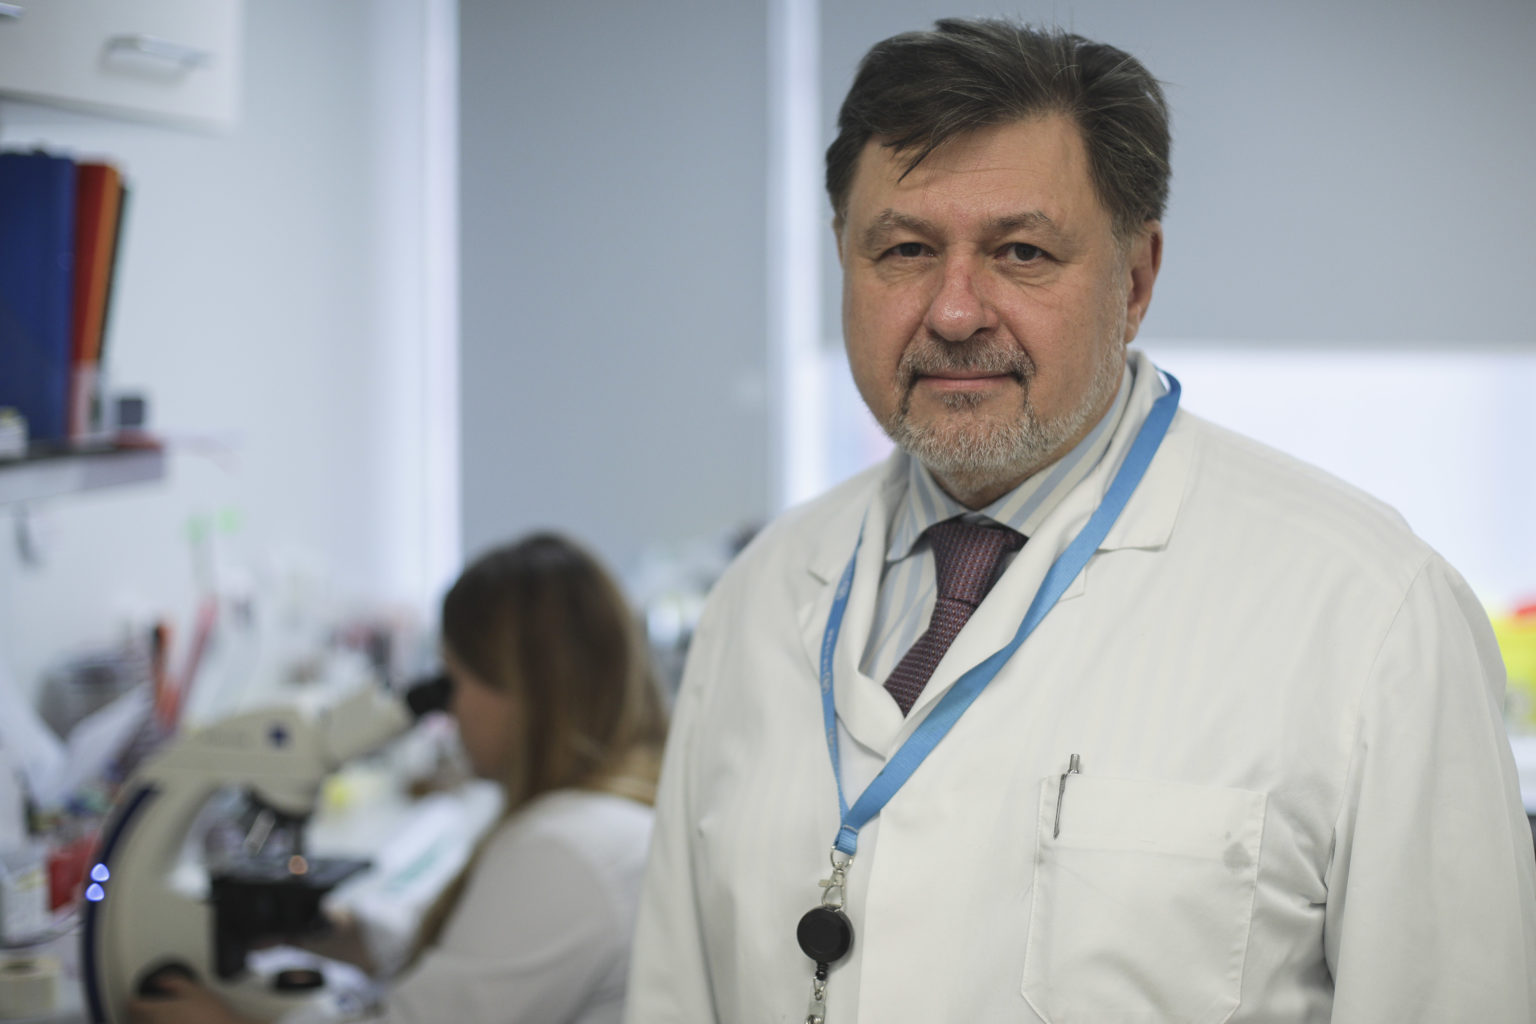 Prof. Alexandru Rafila avertizează că numărul de cazuri de Covid-19 nu va scădea dacă populația nu respectă regulile